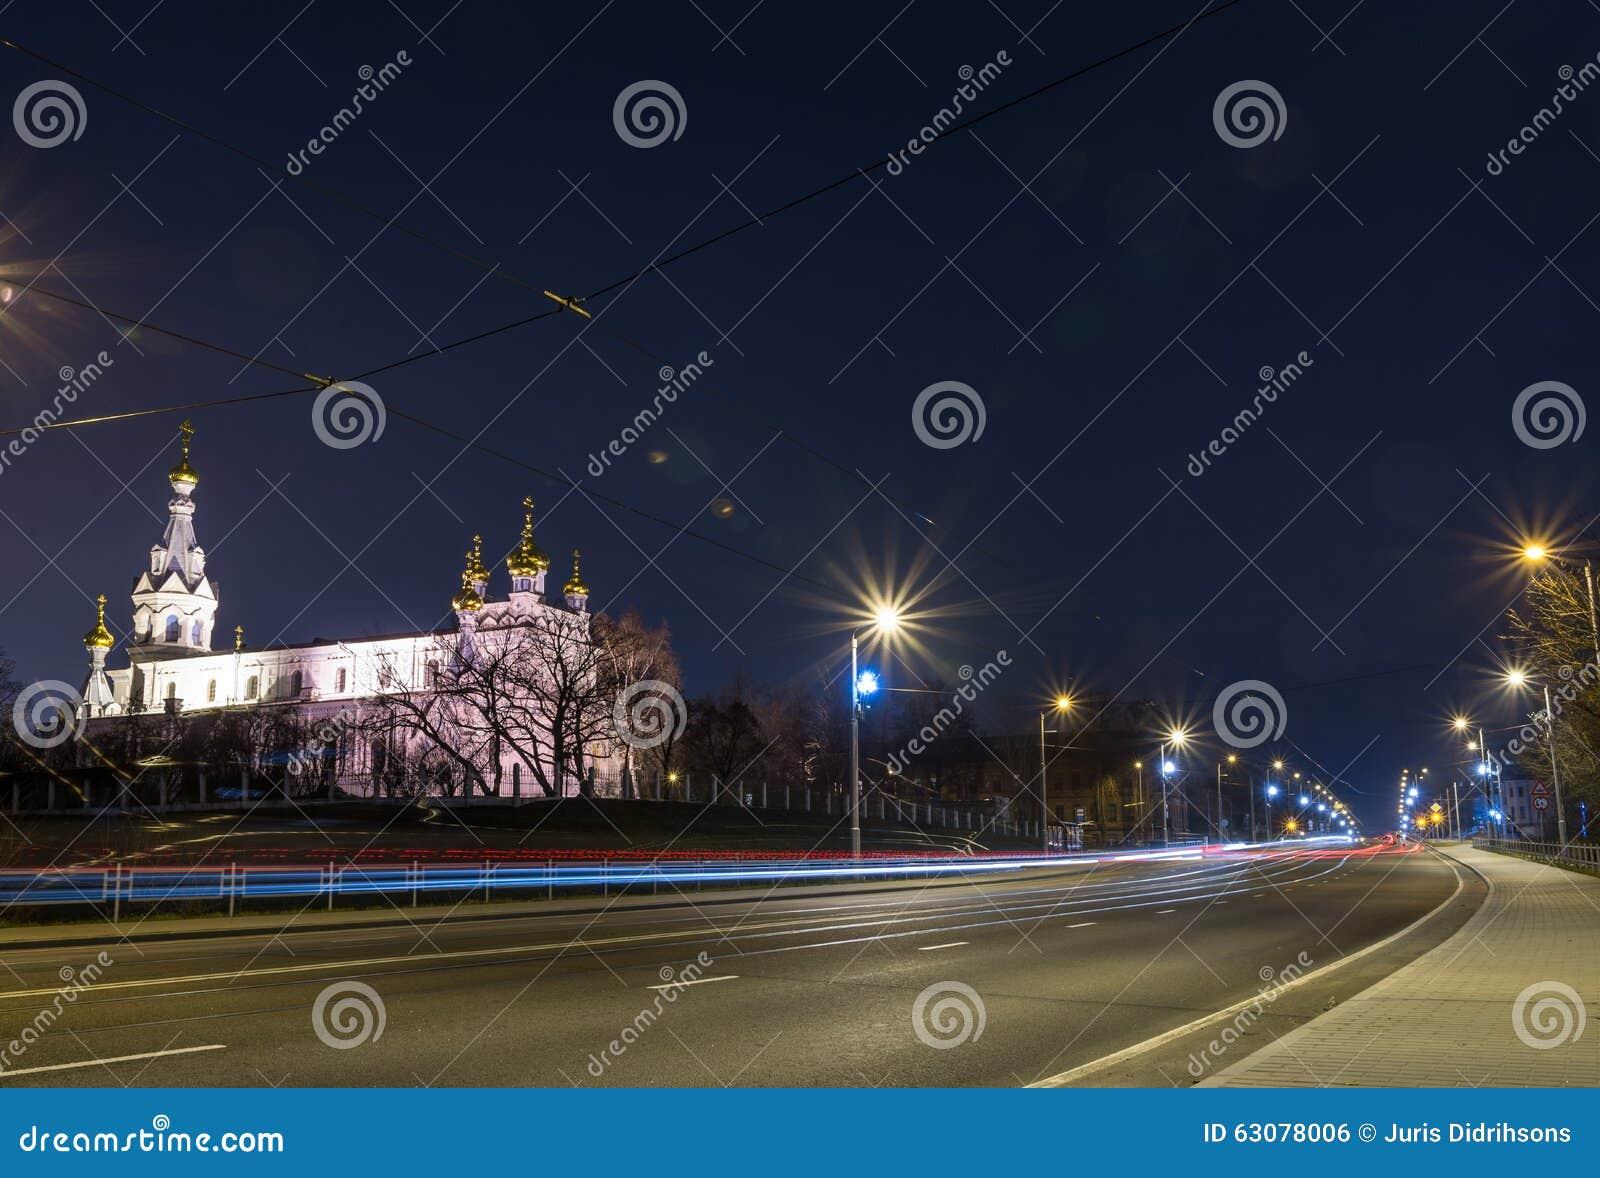 Download Vue De La Ville De Nuit Avec Les Voies Et L'église De Tram Photo stock - Image du coloré, moderne: 63078006